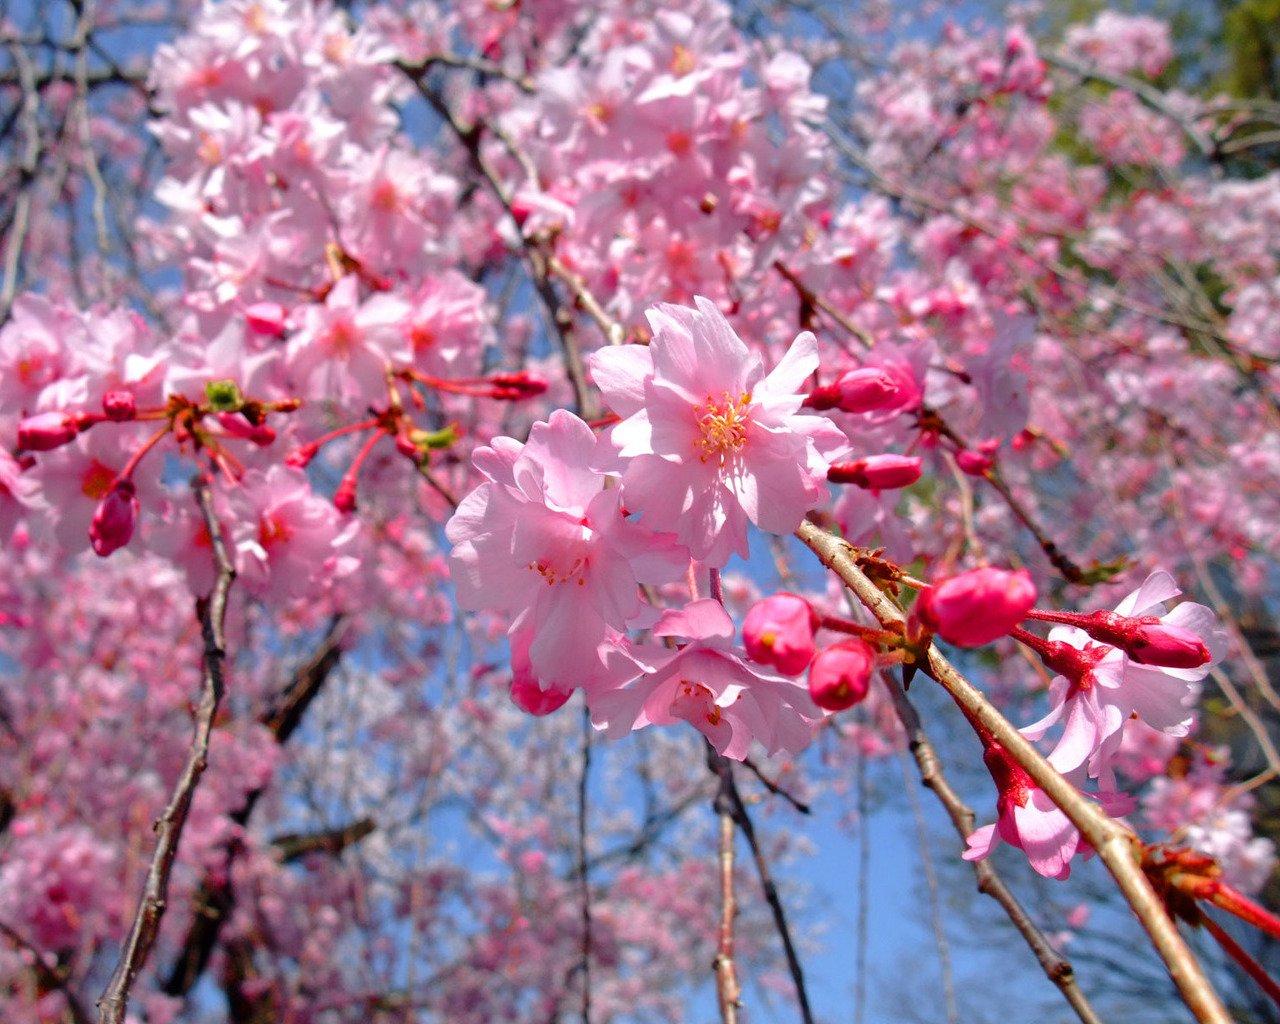 белые цветы на деревьях весной